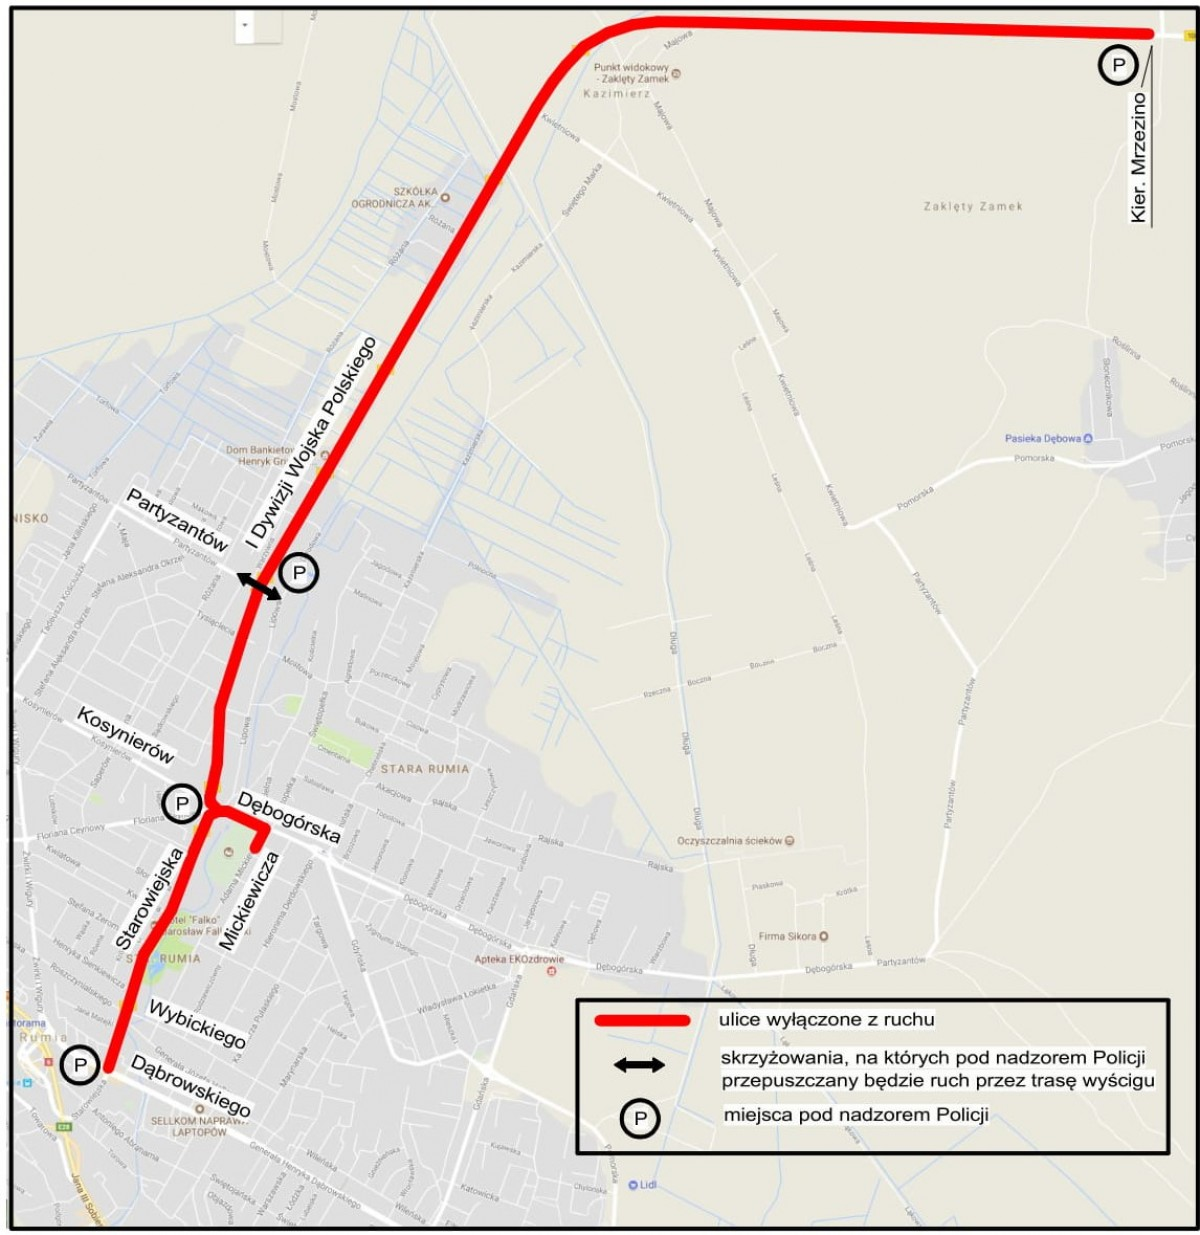 Schemat zamknięcia ulic w związku z LOTTO Duathlon Energy